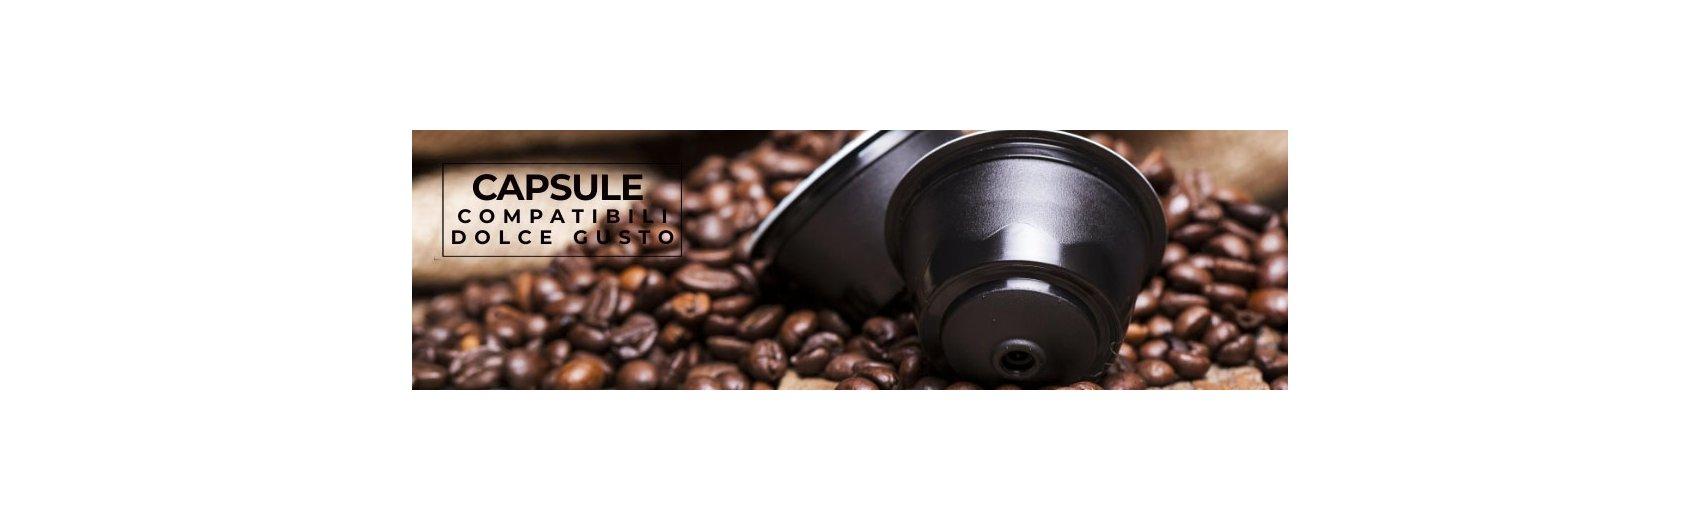 Capsule Nescafé Dolce Gusto Compatibili - Caffè Castroni